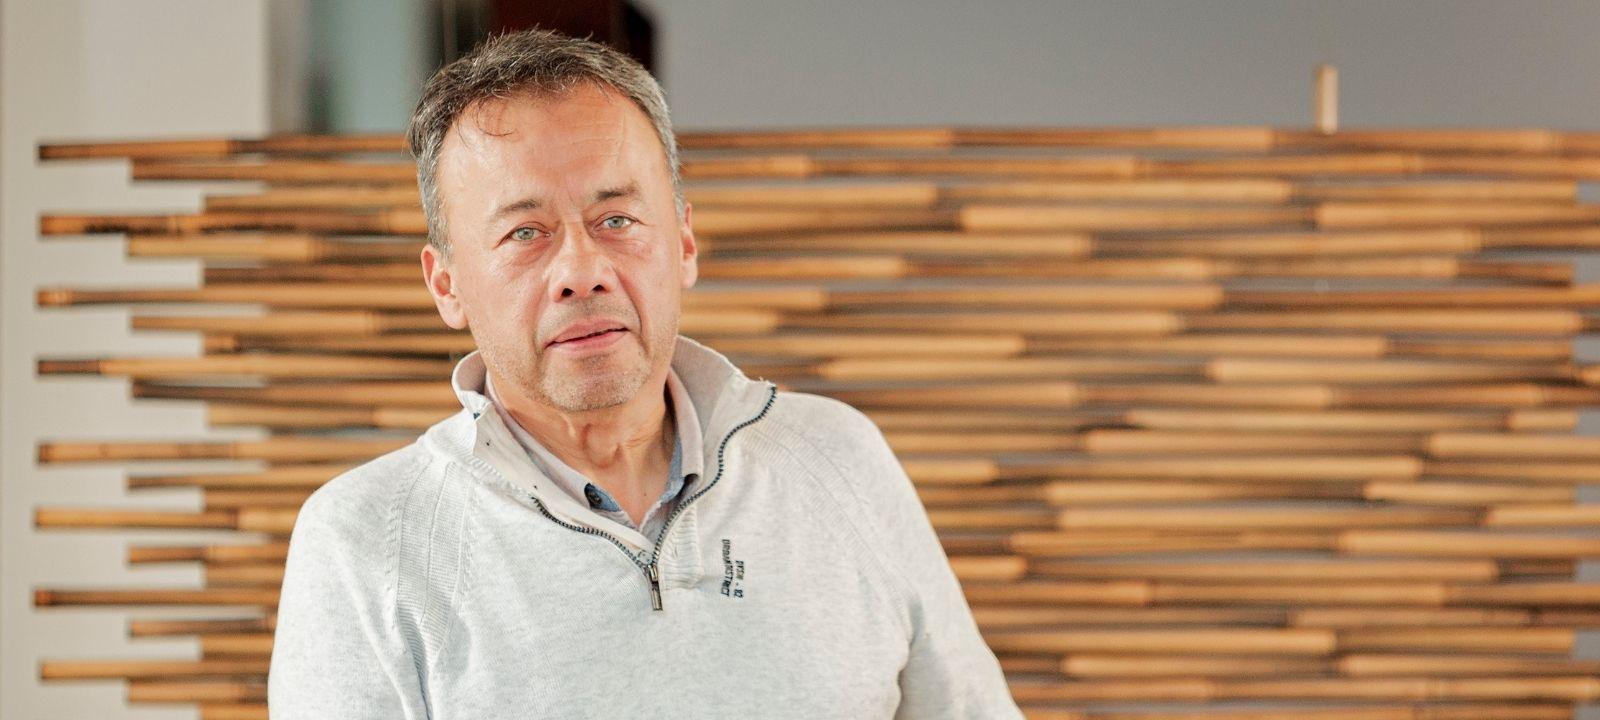 Fernando Jiménez, profesor asociado del Departamento de Ingeniería Eléctrica y Electrónica